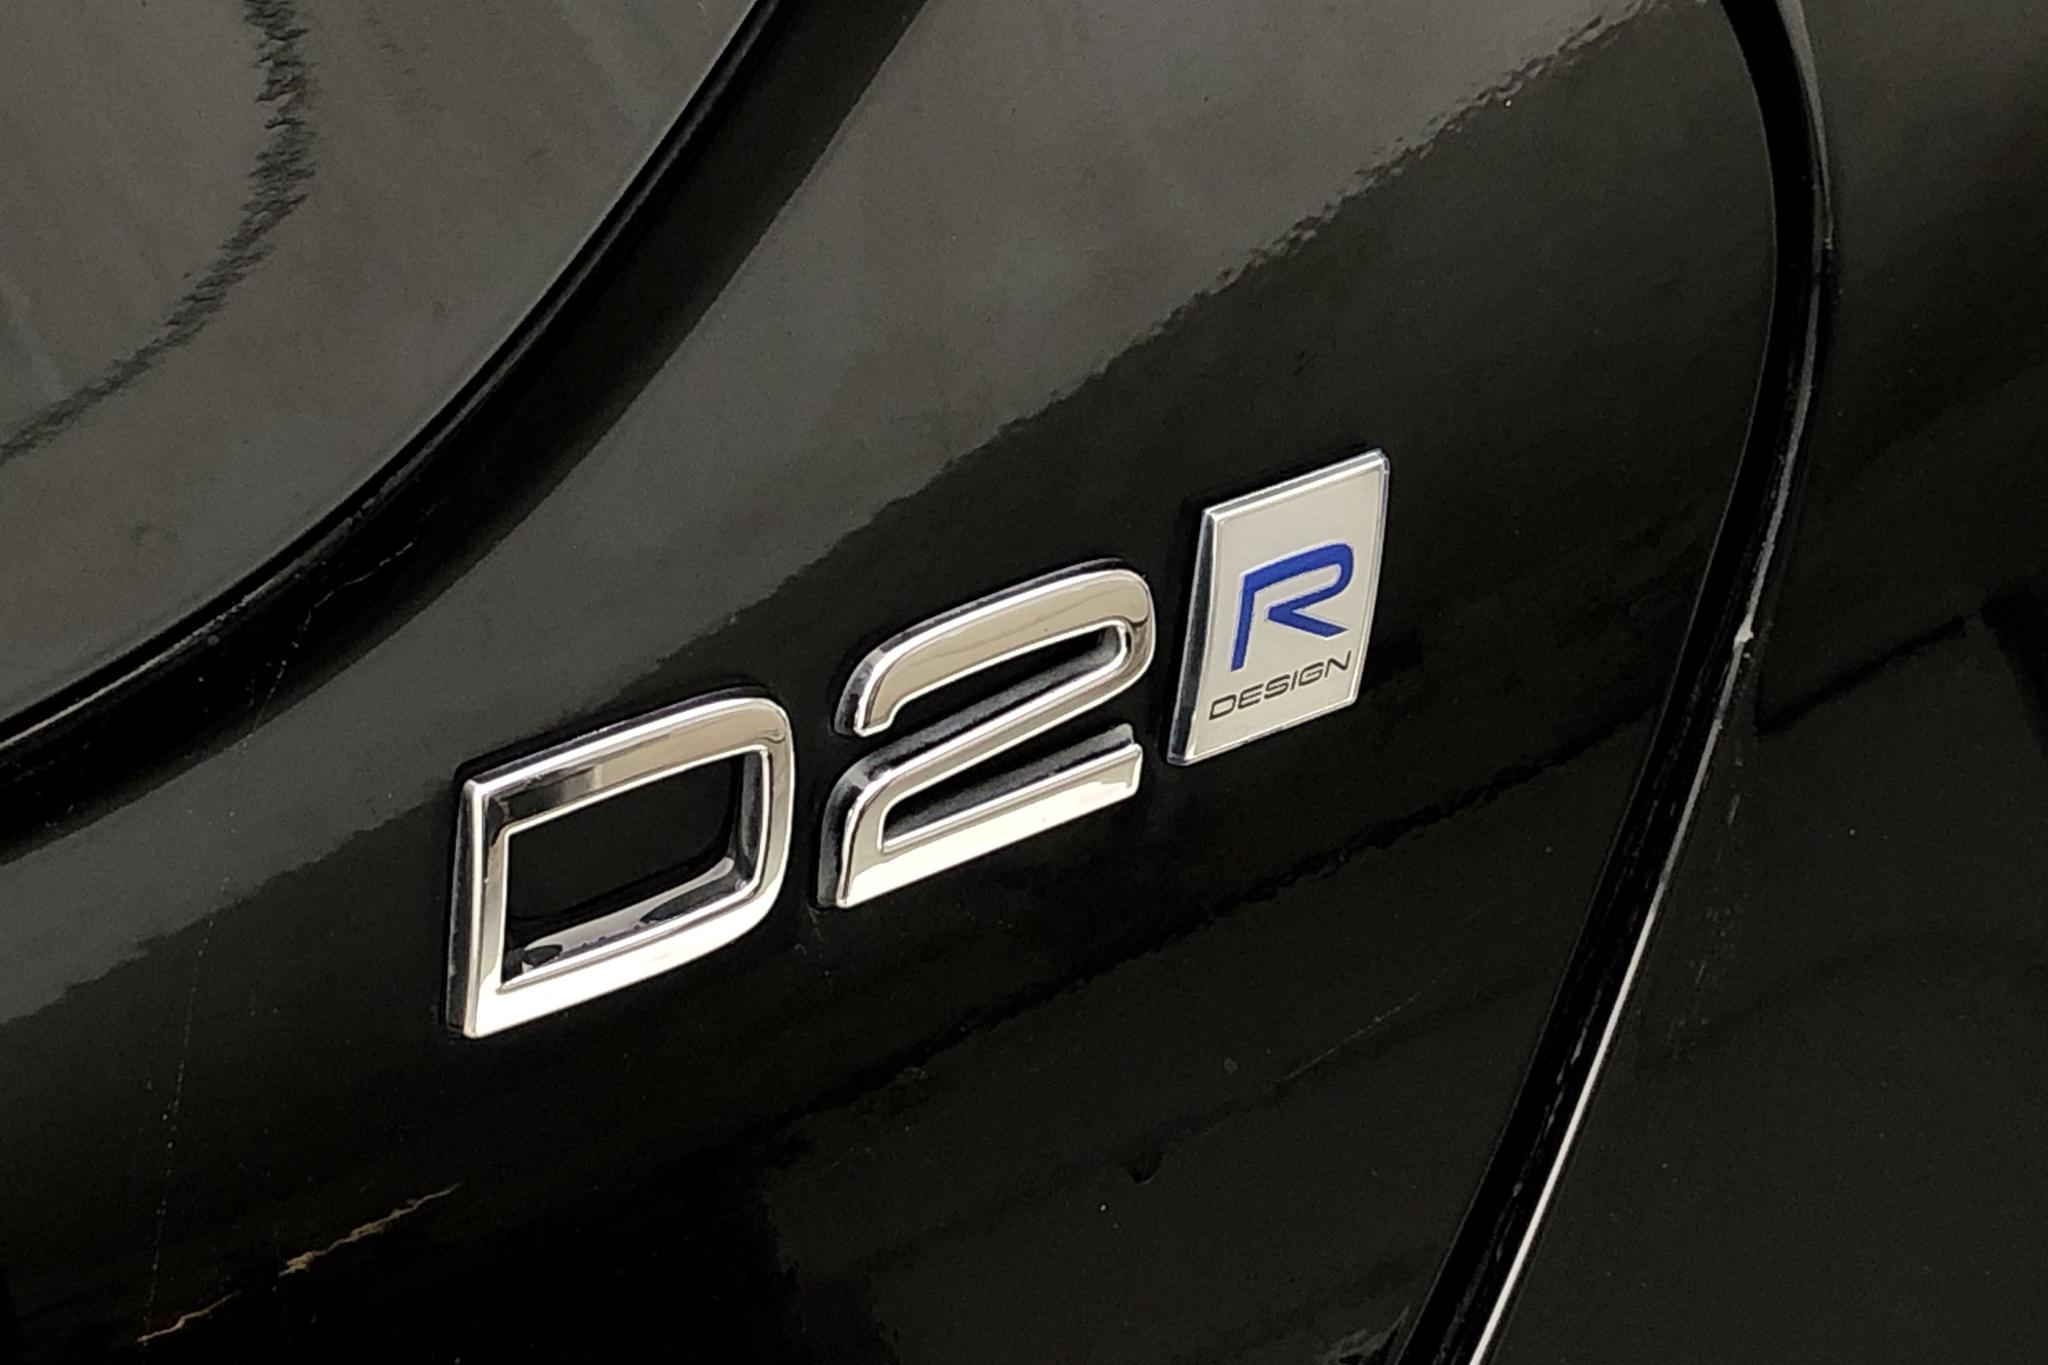 Volvo V40 D2 (120hk) - 38 570 km - Manual - black - 2017